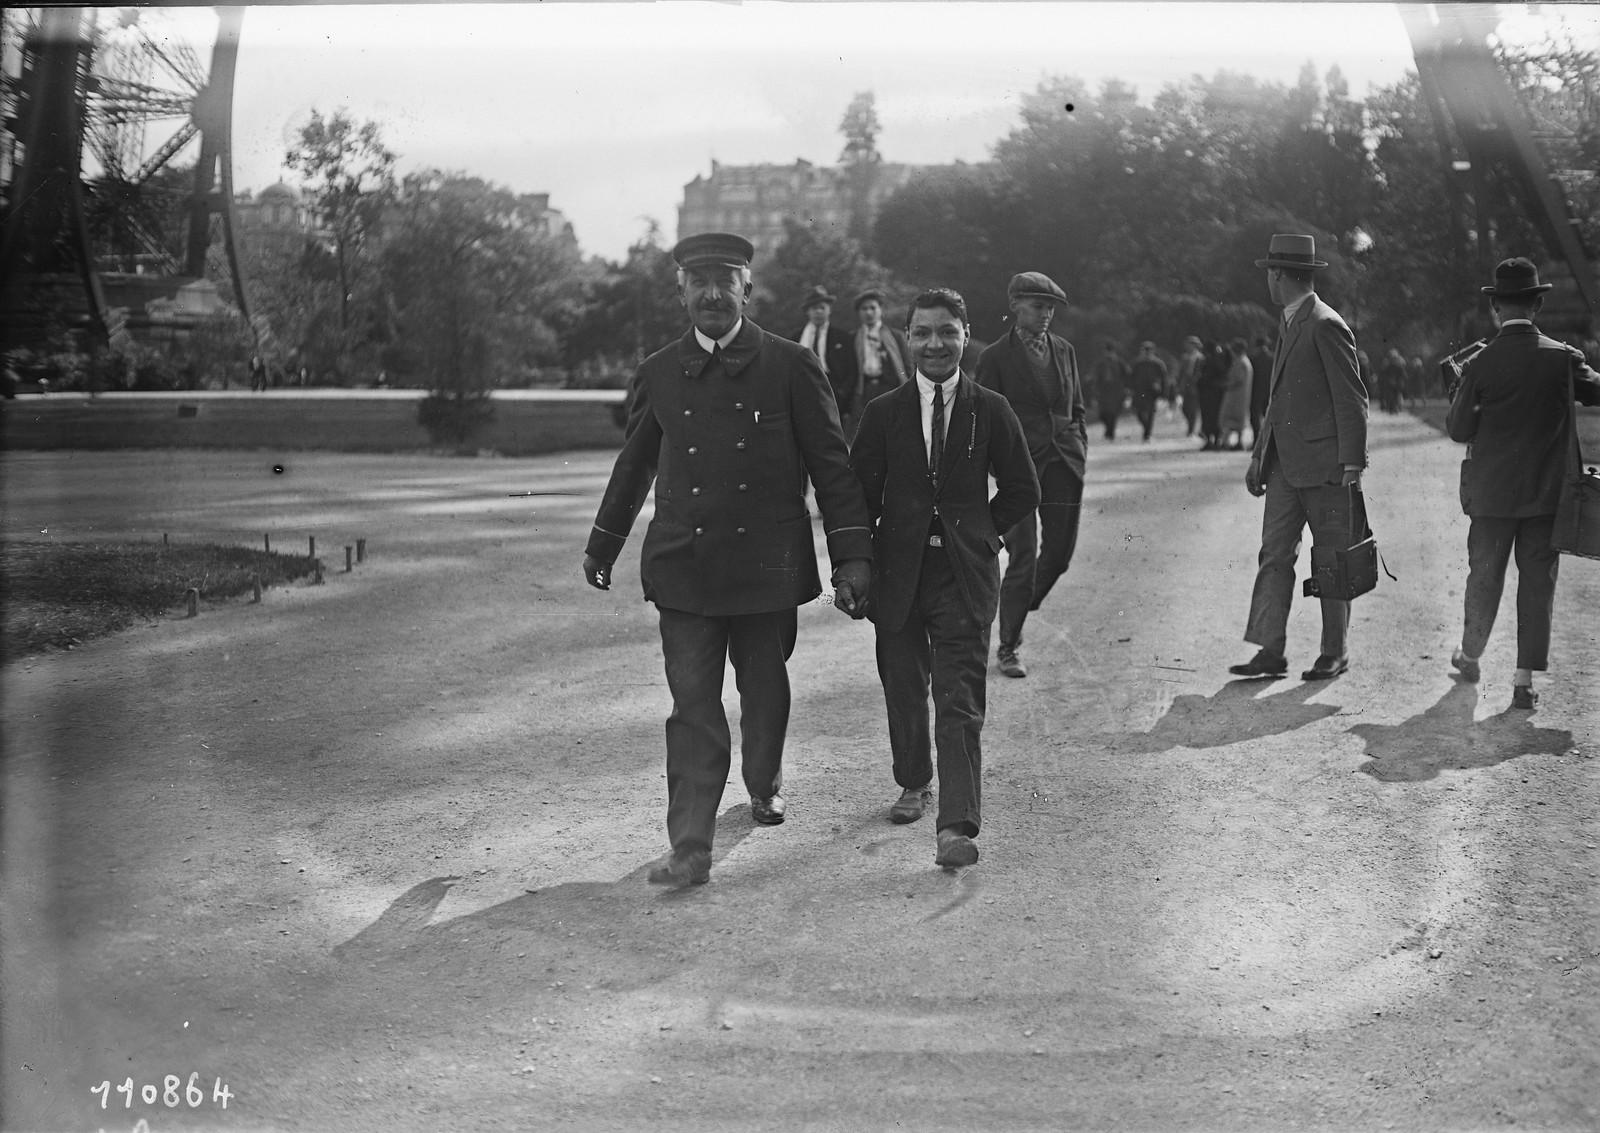 19. 1926. Рене Лассау доставлен в участок за то, что он поднялся на Эйфелеву башню